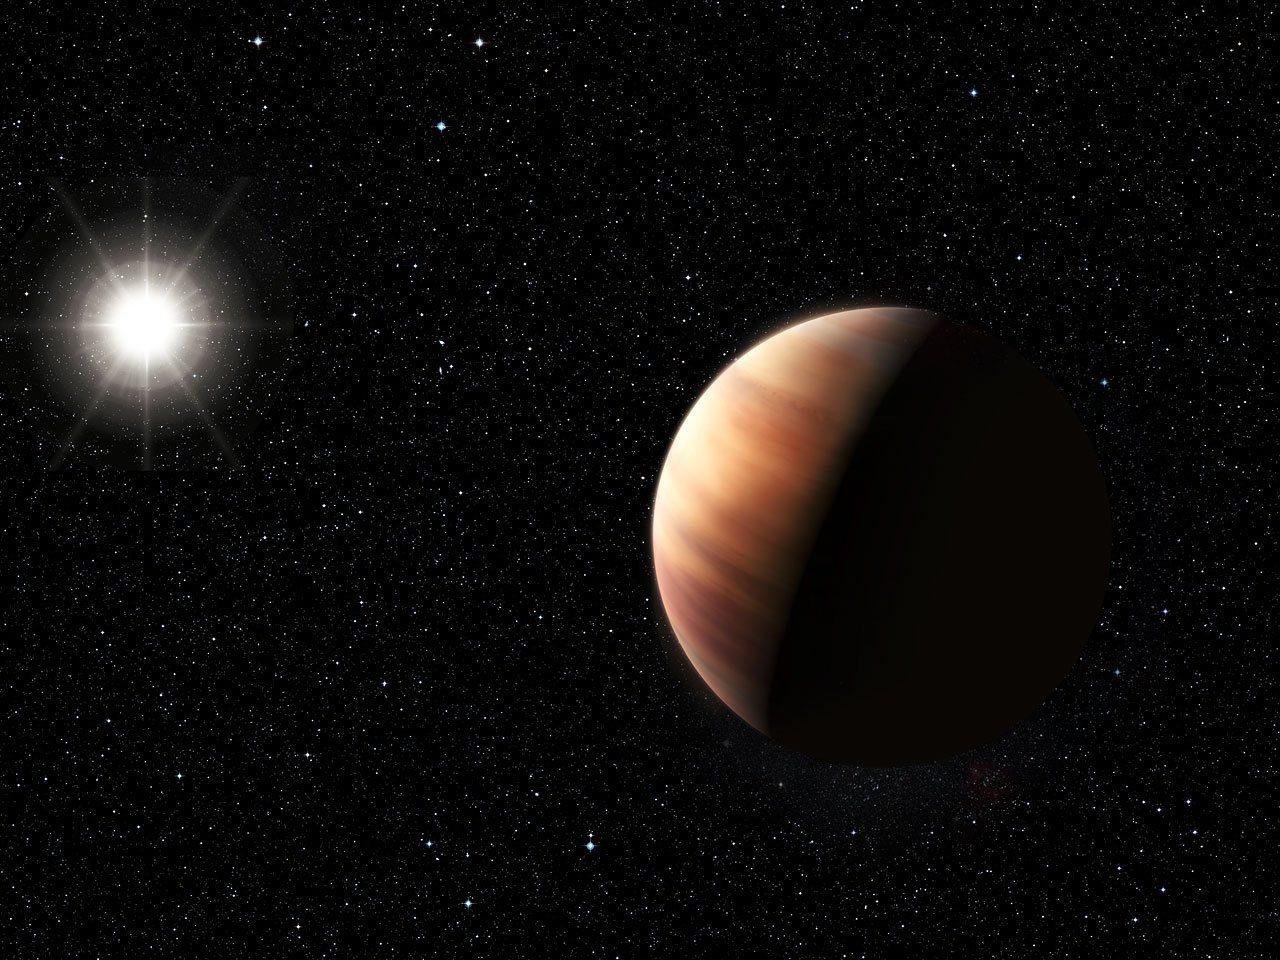 Американский рэпер купил собственную планету превышающую по размерам Юпитер